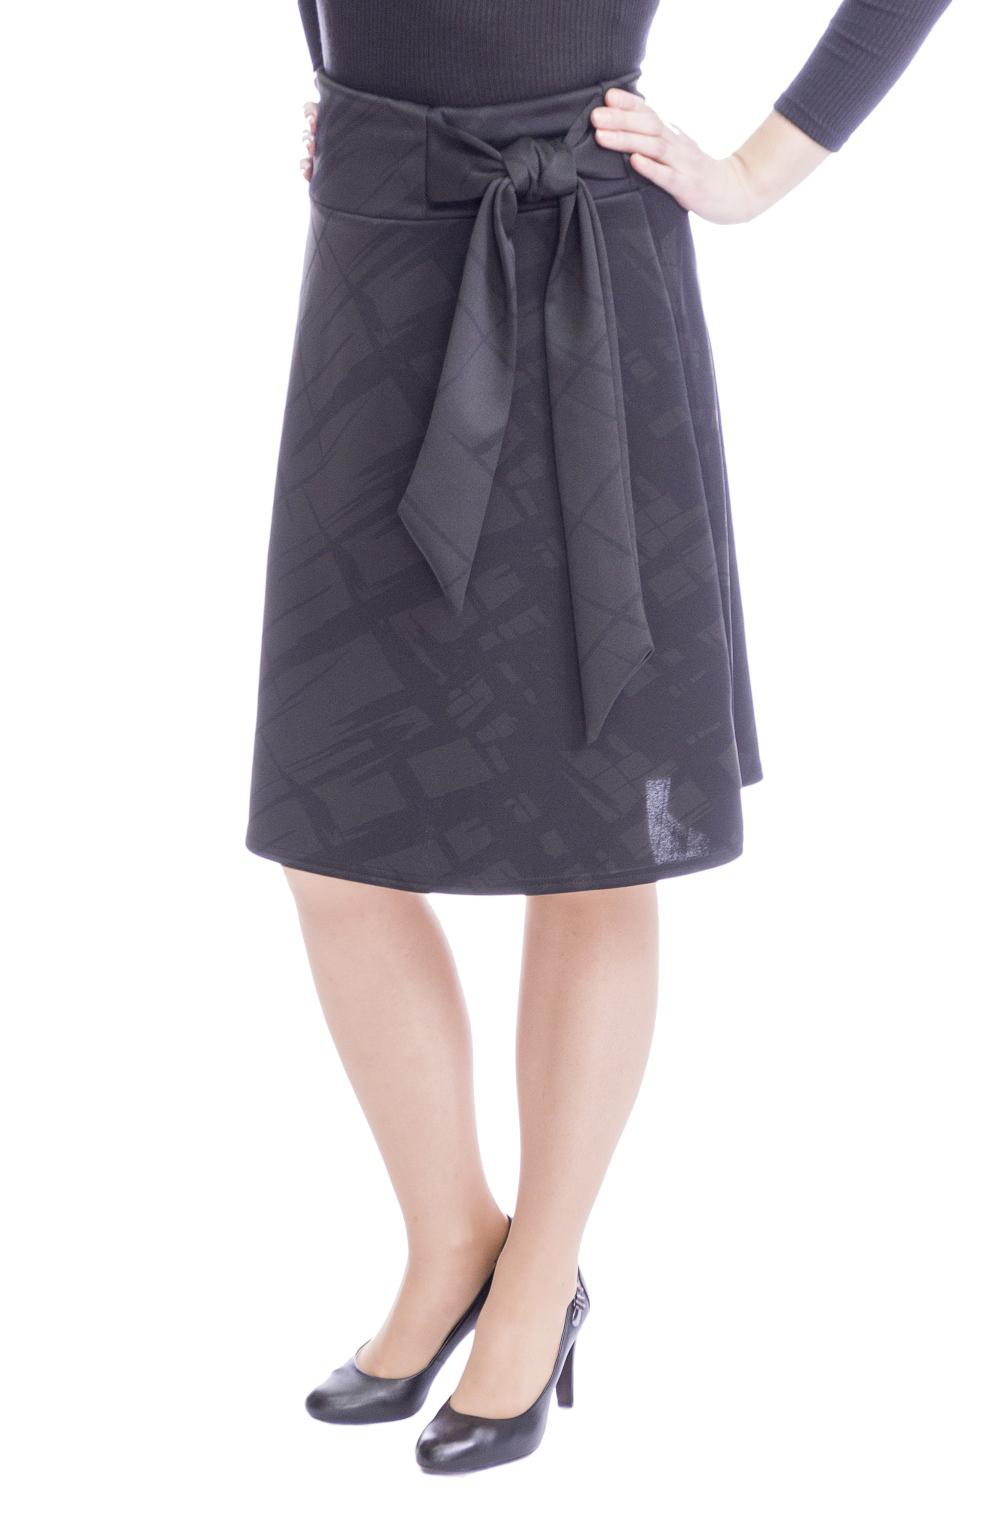 ЮбкаЮбки<br>Красивая юбка трапециевидного силуэта. Наличие эластана в составе ткани обеспечивает свободу движений. Отличный выбор для повседневного и делового гардероба. Ткань - плотный трикотаж, характеризующийся эластичностью, растяжимостью и мягкостью.  Цвет: черный  Рост девушки-фотомодели 170 см.<br><br>По длине: Ниже колена<br>По материалу: Вискоза,Трикотаж<br>По рисунку: Однотонные,С принтом<br>По силуэту: Полуприталенные<br>По стилю: Офисный стиль,Повседневный стиль<br>По форме: Юбка-трапеция<br>По элементам: С декором<br>По сезону: Осень,Весна<br>Размер : 46,48,50,52,54<br>Материал: Джерси<br>Количество в наличии: 14